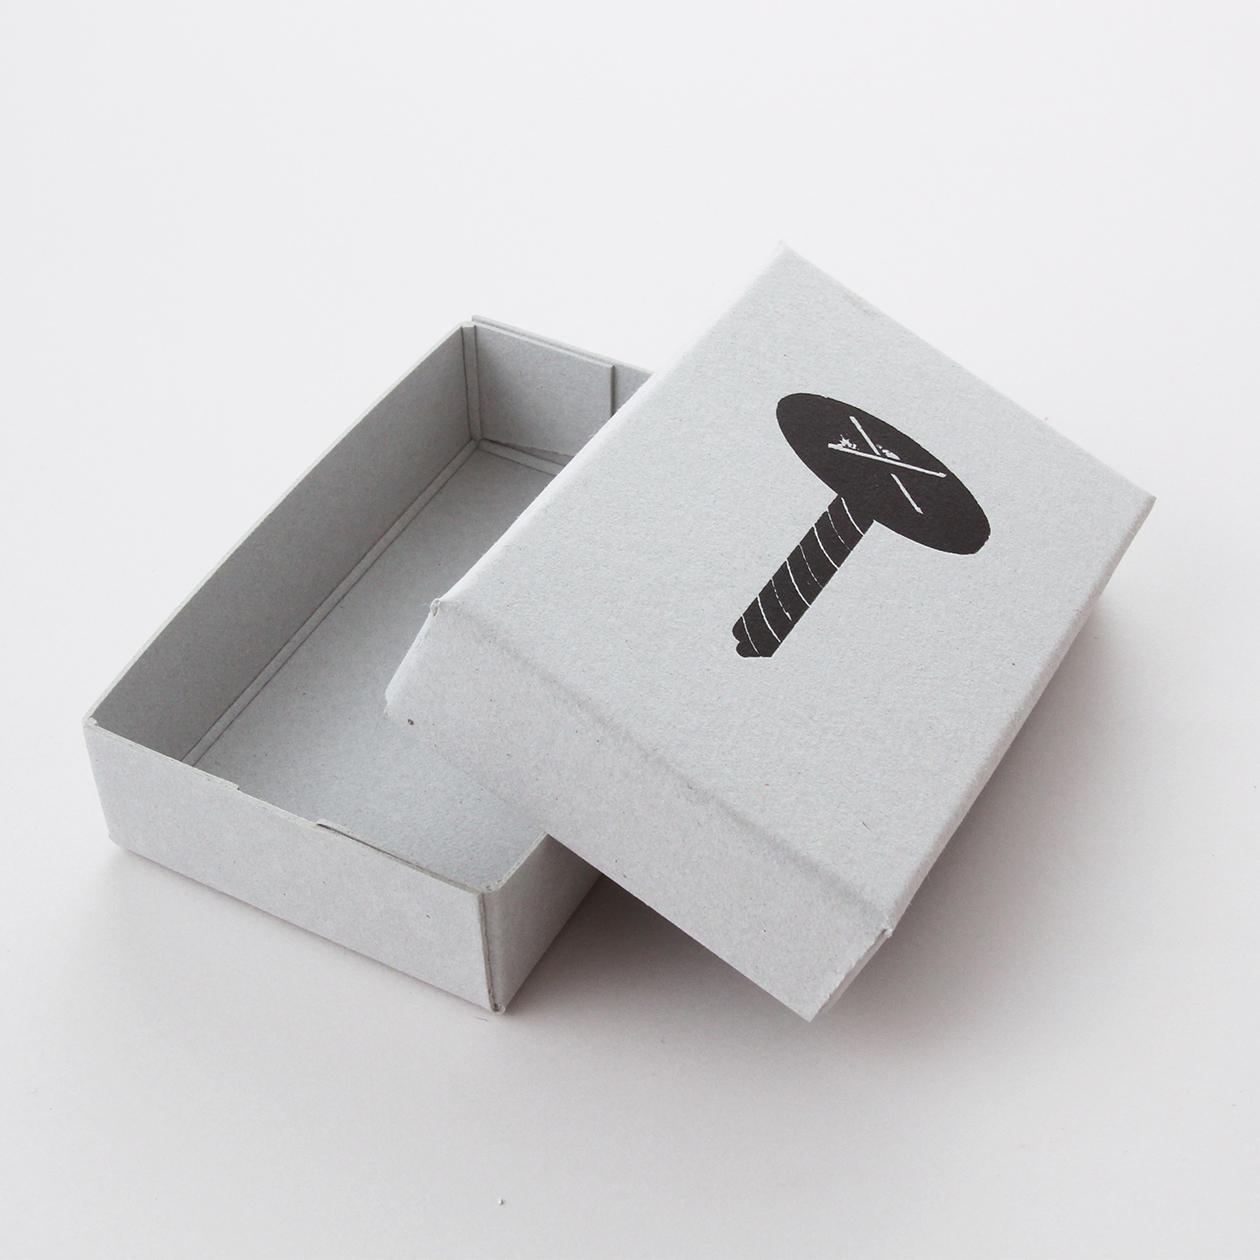 サンプル 箱(糊どめ) 00033